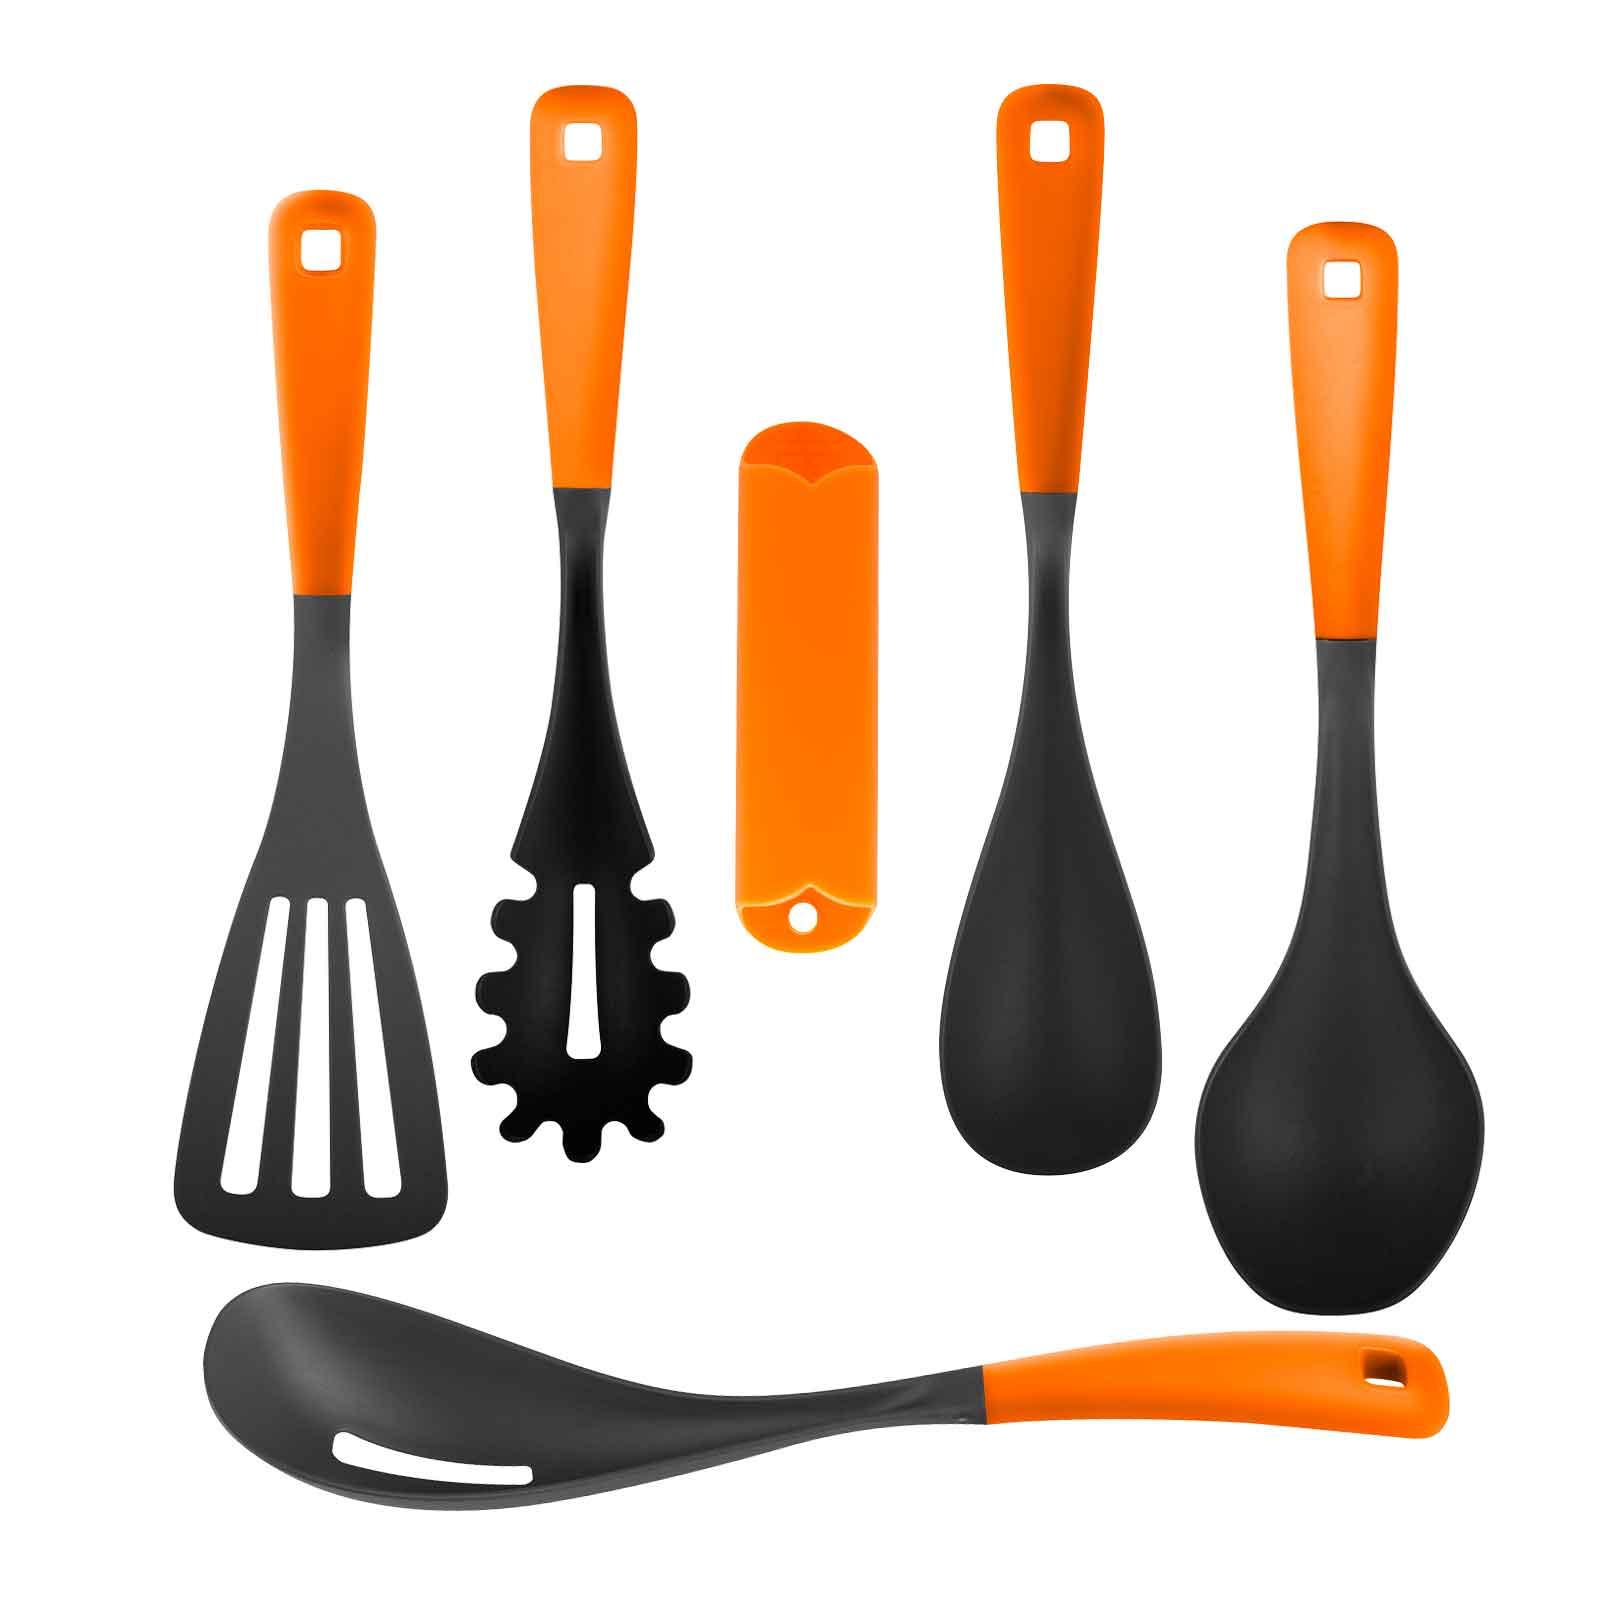 Kitchen Design Utensils: Free Kitchen Utensil Pictures, Download Free Clip Art